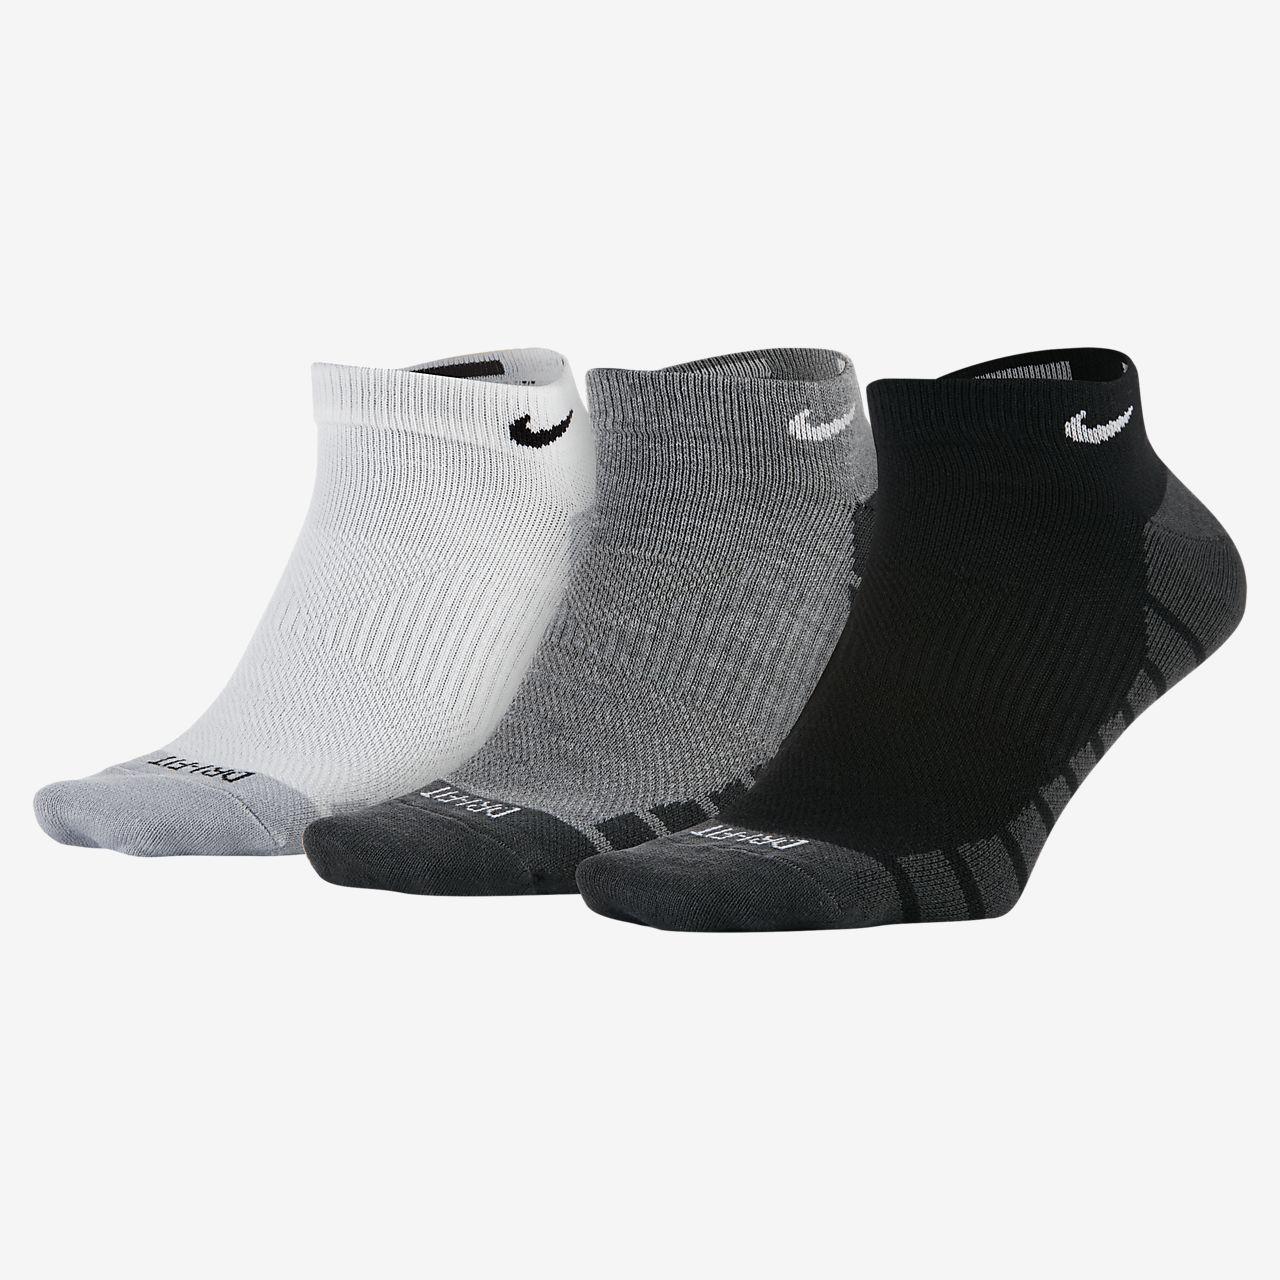 Calcetines de entrenamiento Nike Dry Lightweight No-Show (3 pares)